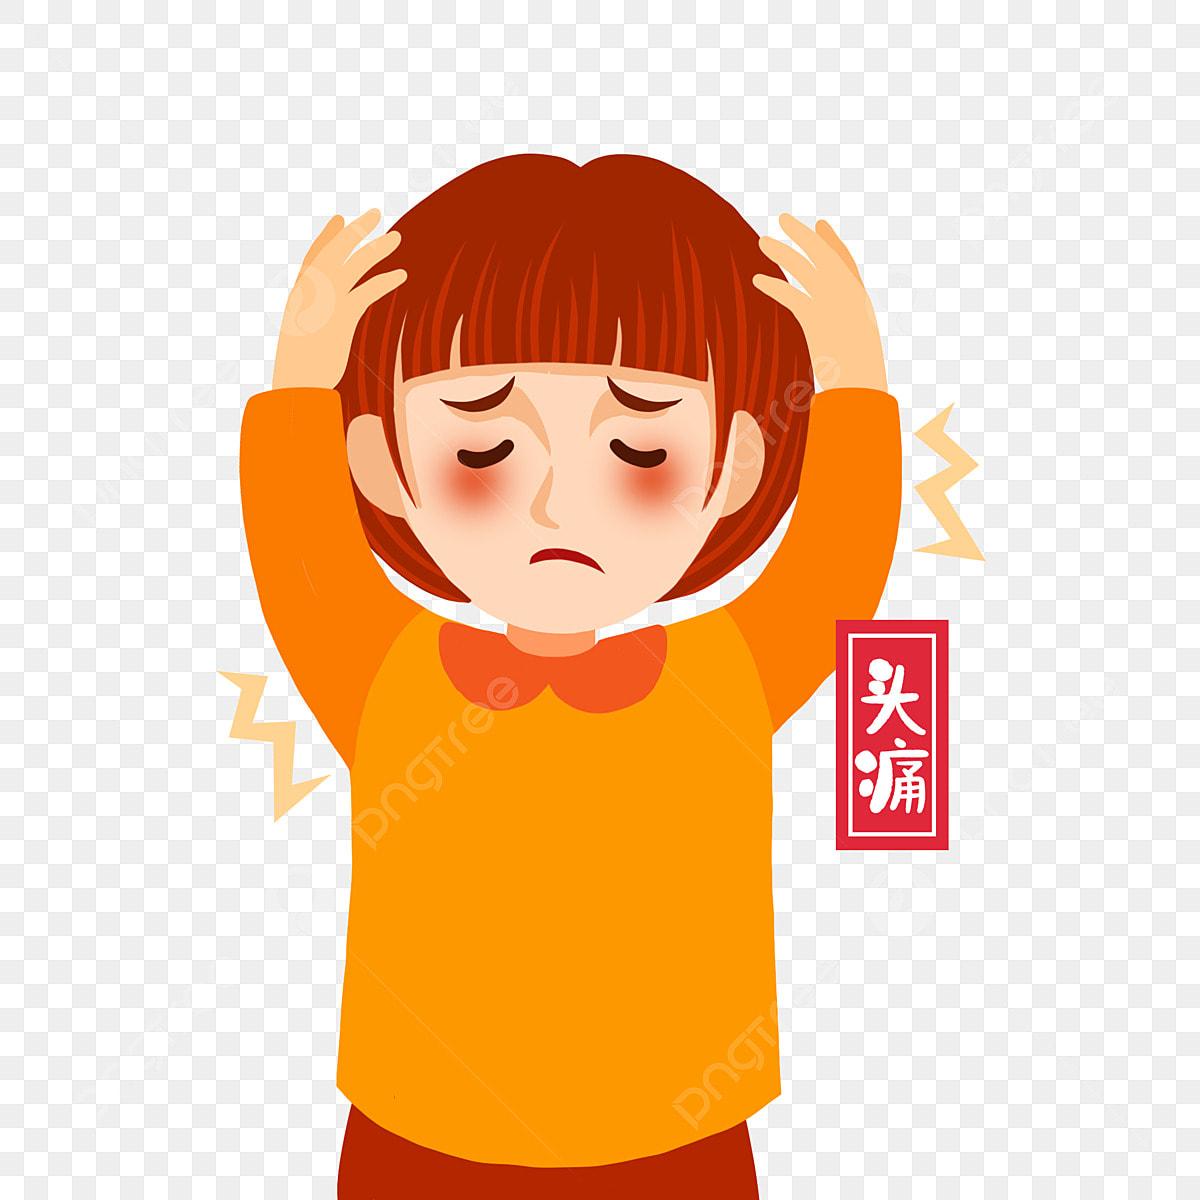 Download 48 Gambar Animasi Orang Lagi Sakit Kepala Gratis